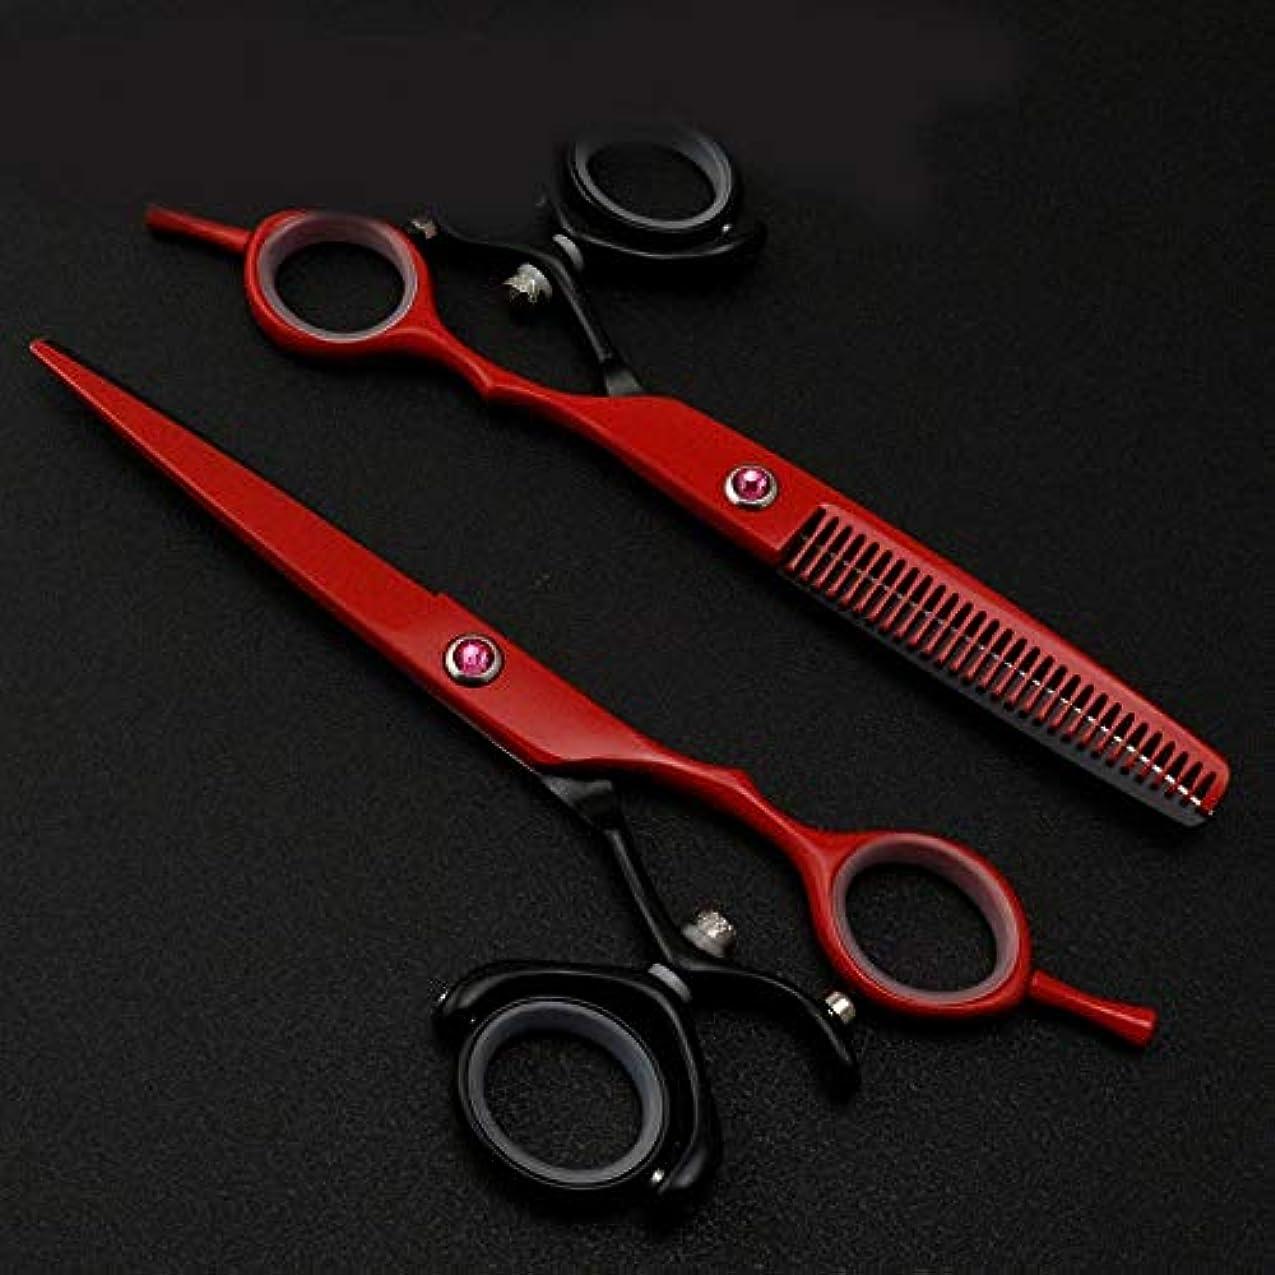 のヒープ国ネスト6インチ美容院プロフェッショナル理髪セット、飛行鋏、回転ハンドル、理髪はさみセット ヘアケア (色 : Black red)